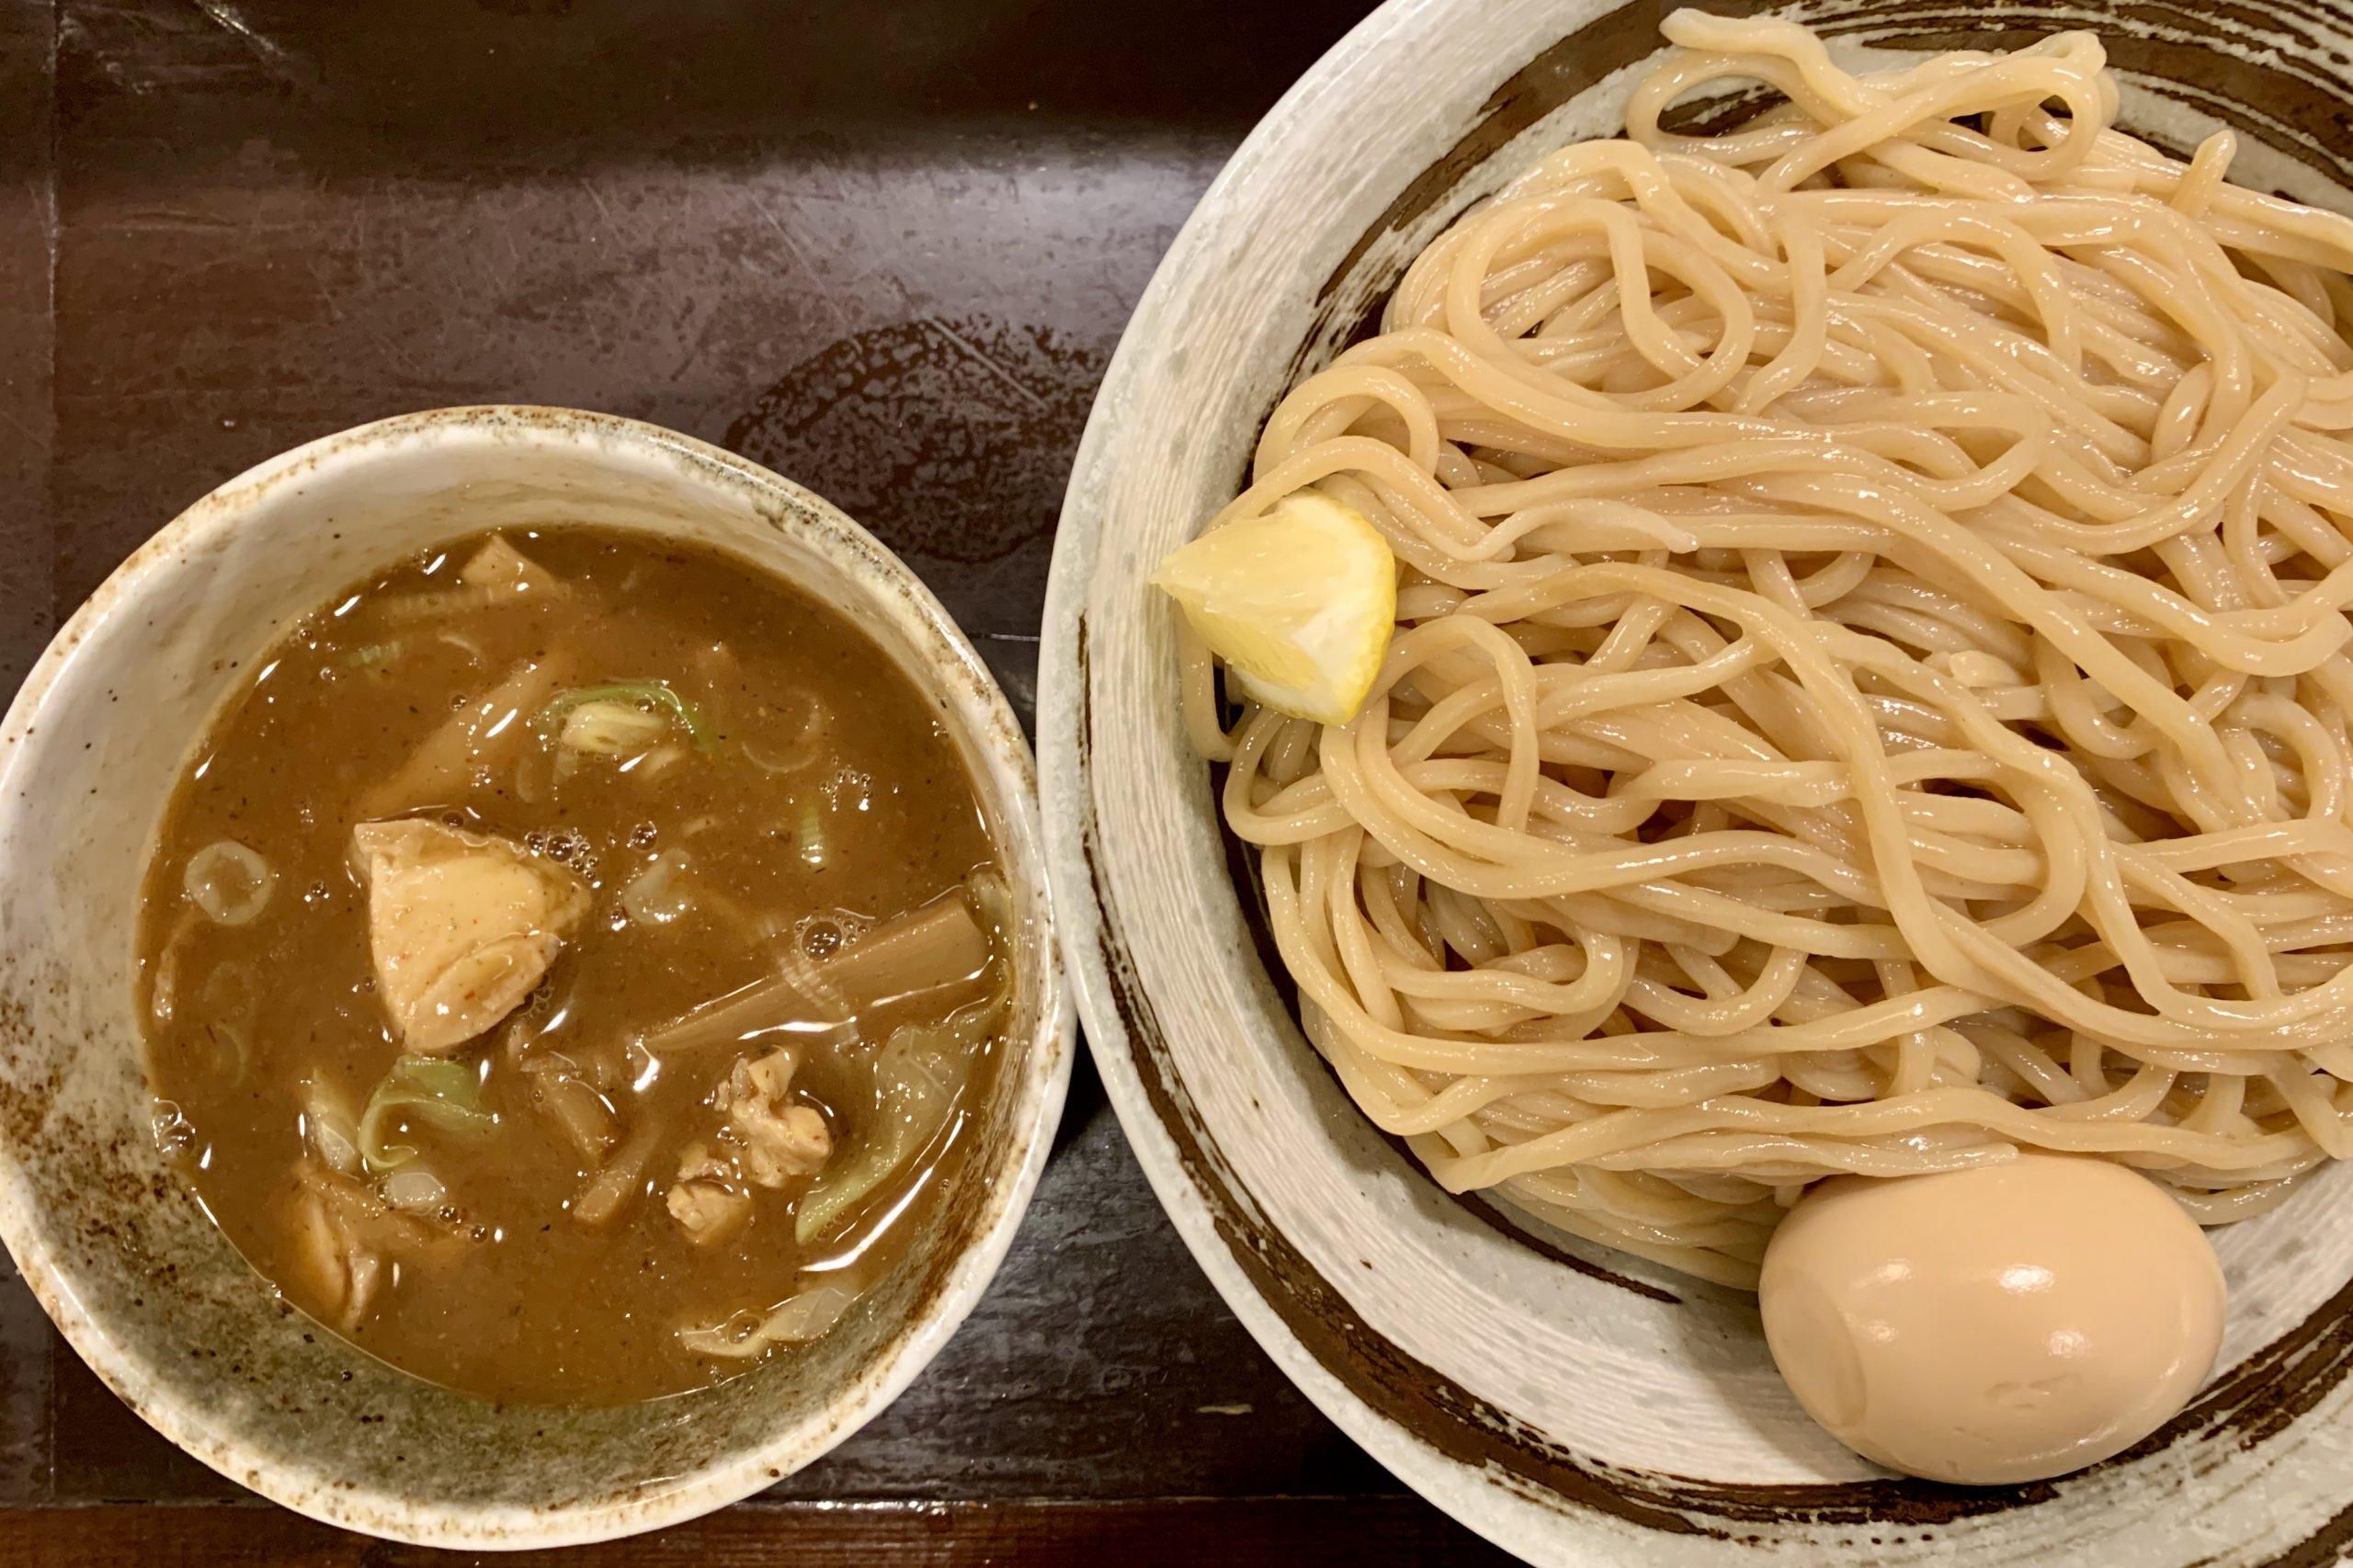 目黒のづゅる麺池田の味玉つけ麺